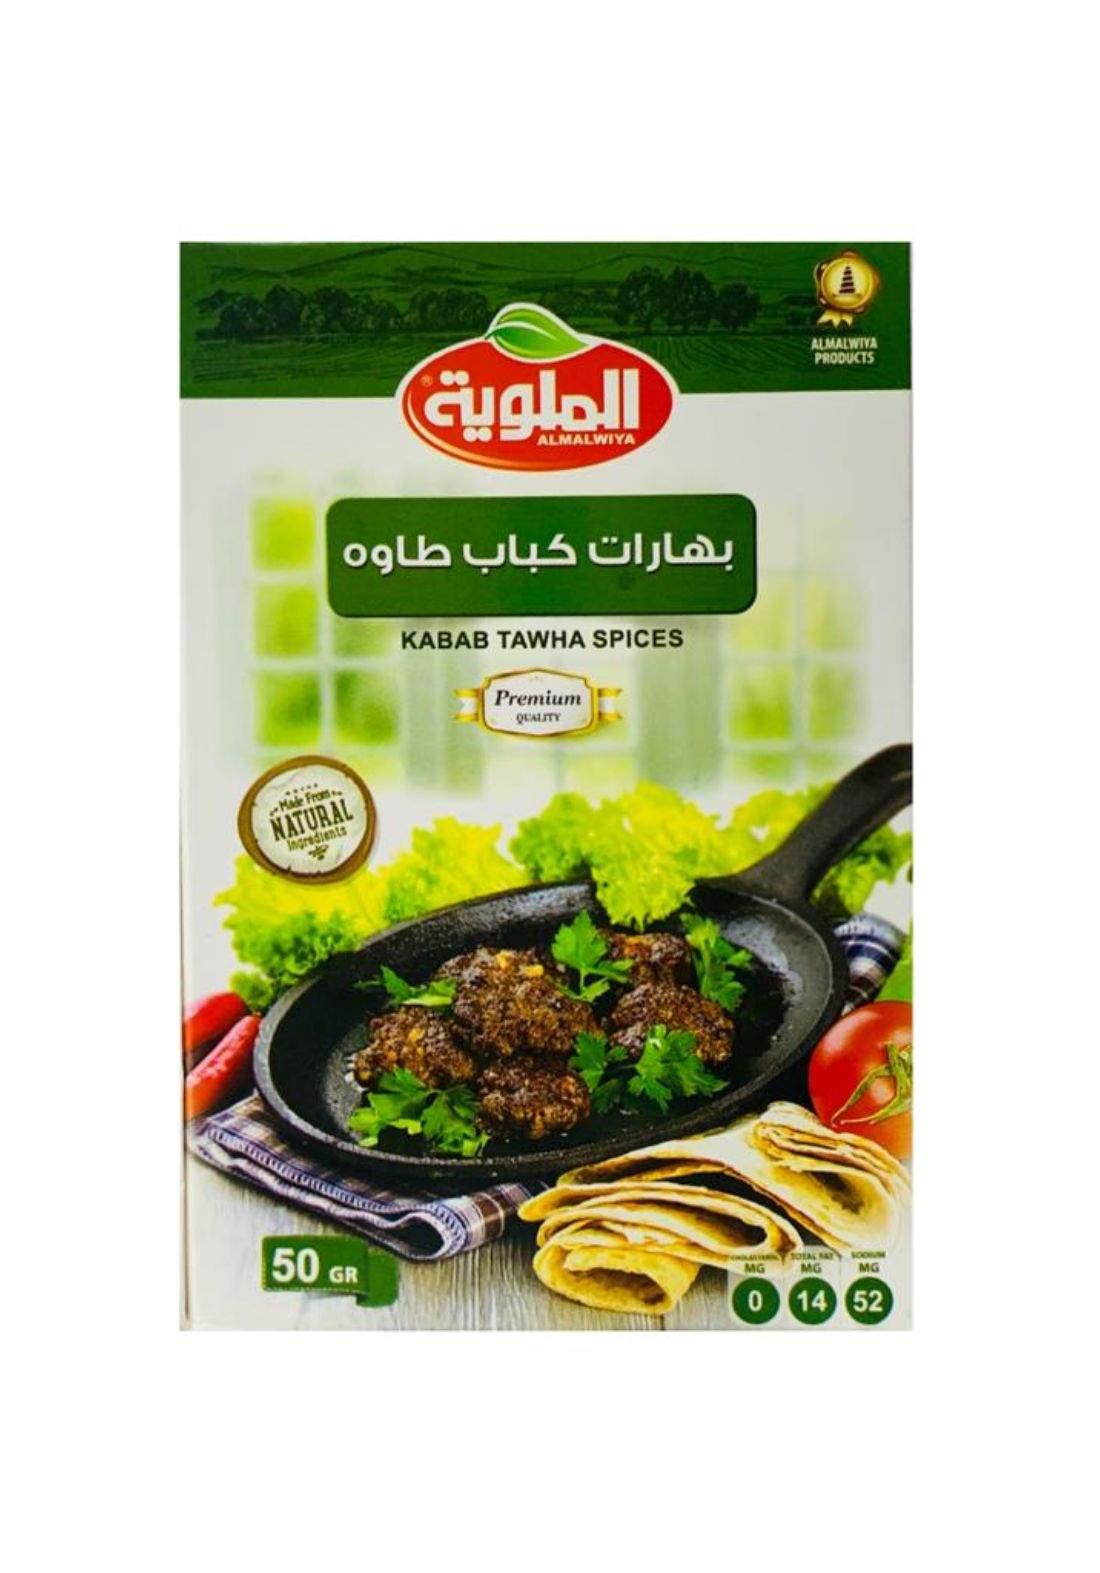 Kabab tawa spices 50g الملوية بهارات كباب طاوة